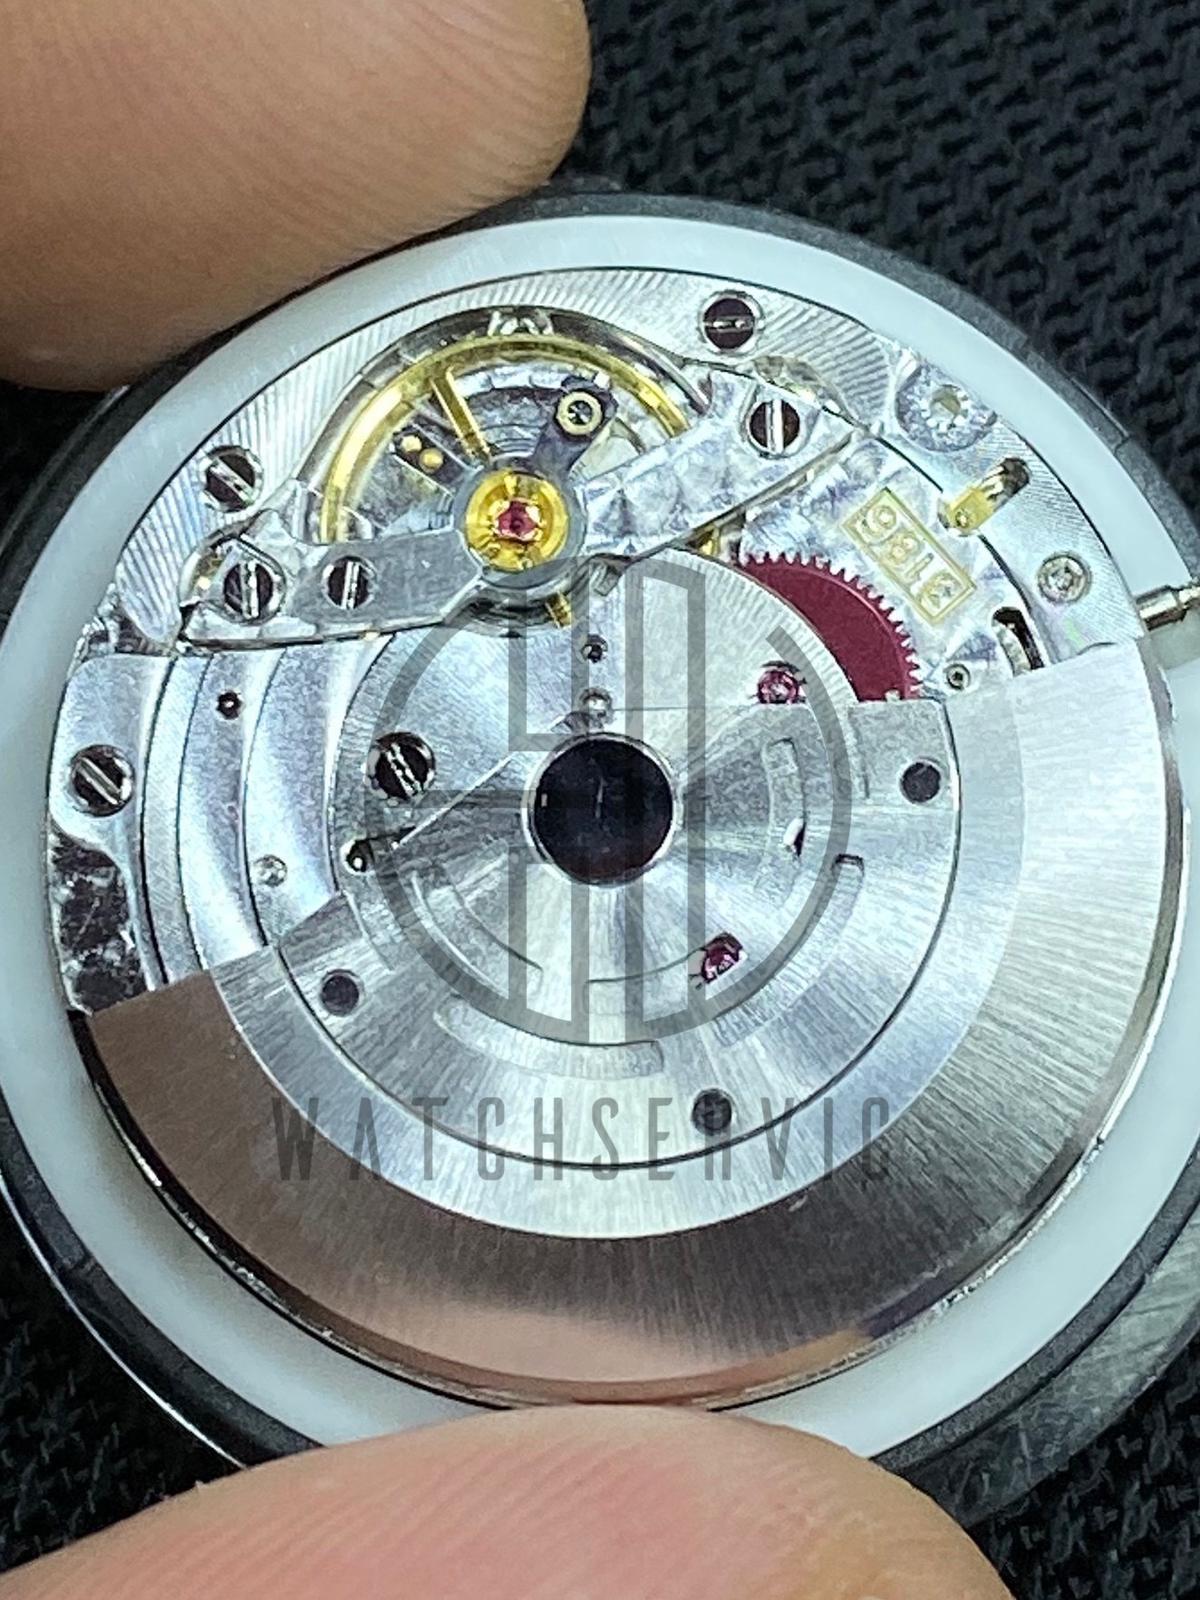 Πρώτο ρολόι replica  - Ρολόγια Replica